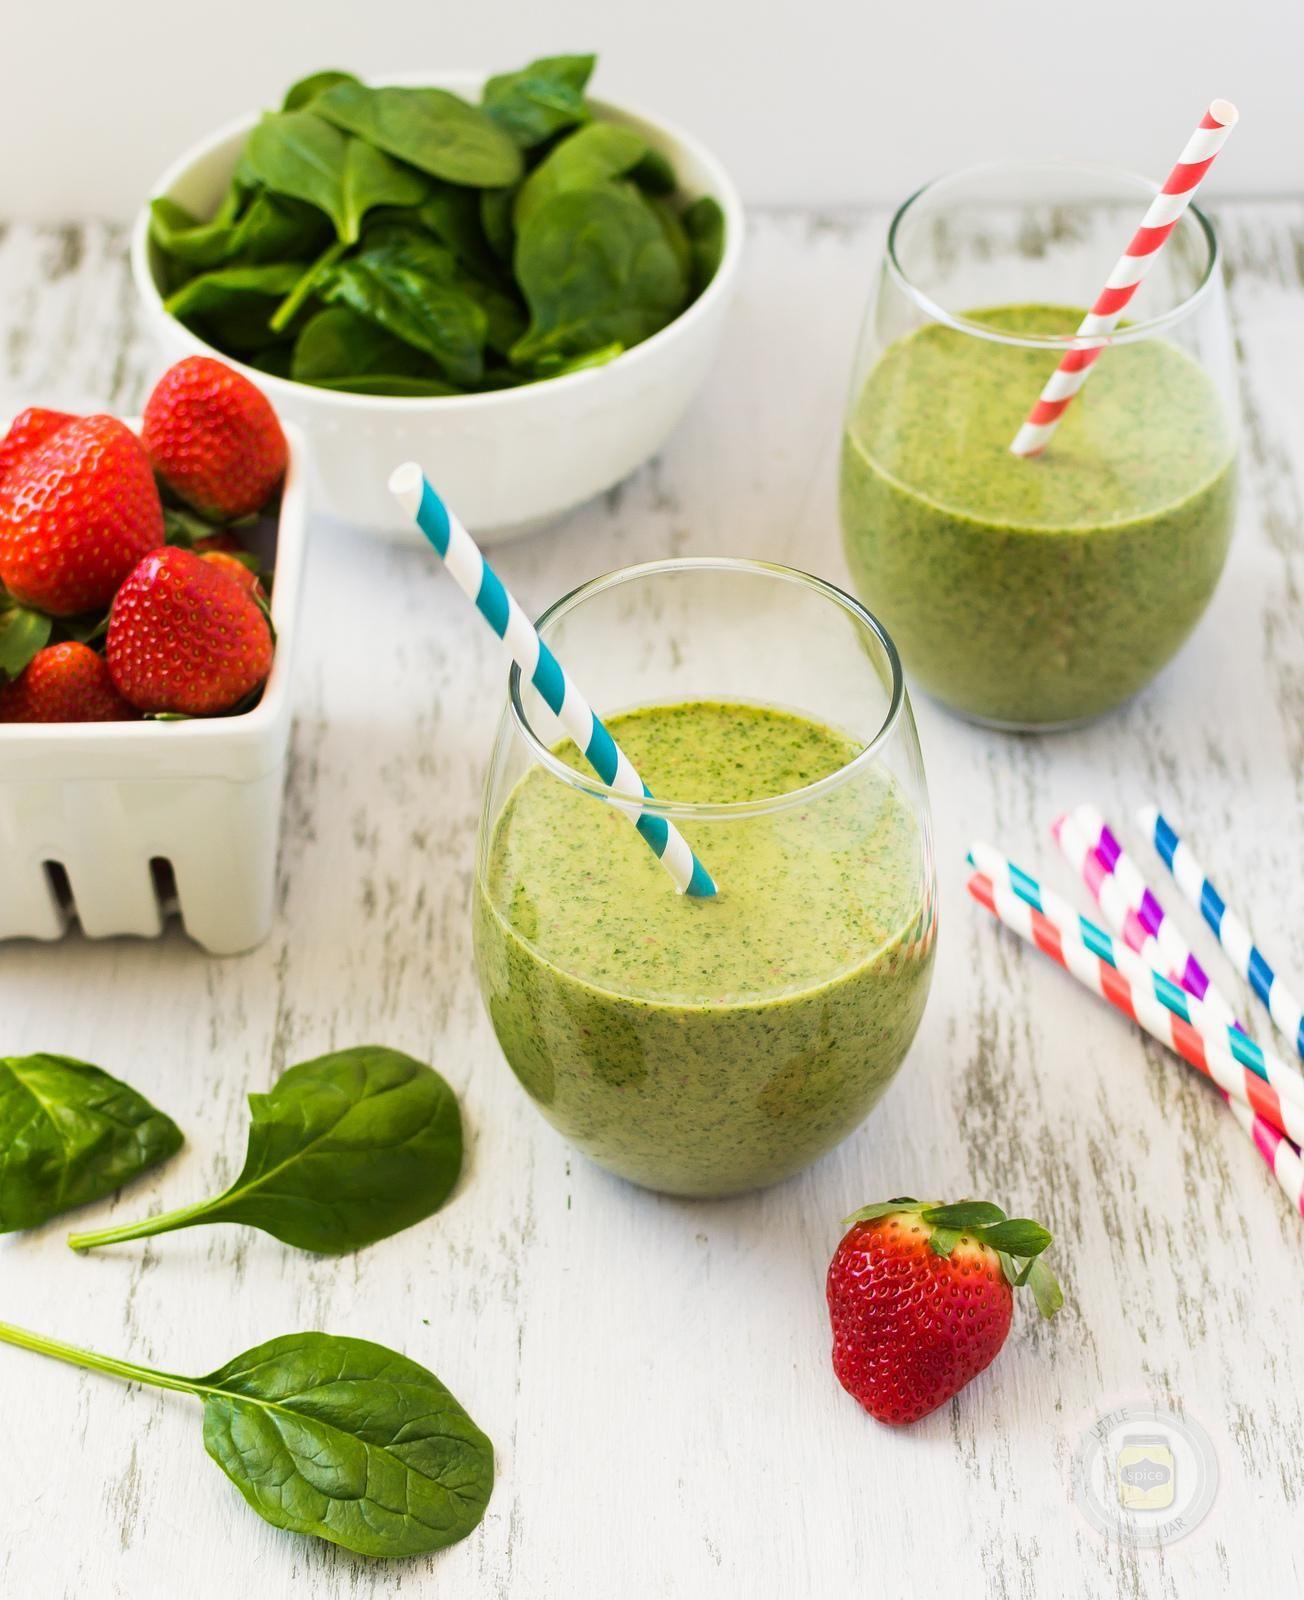 Жидкая Диета Польза. Жидкая диета – похудение и очищение организма